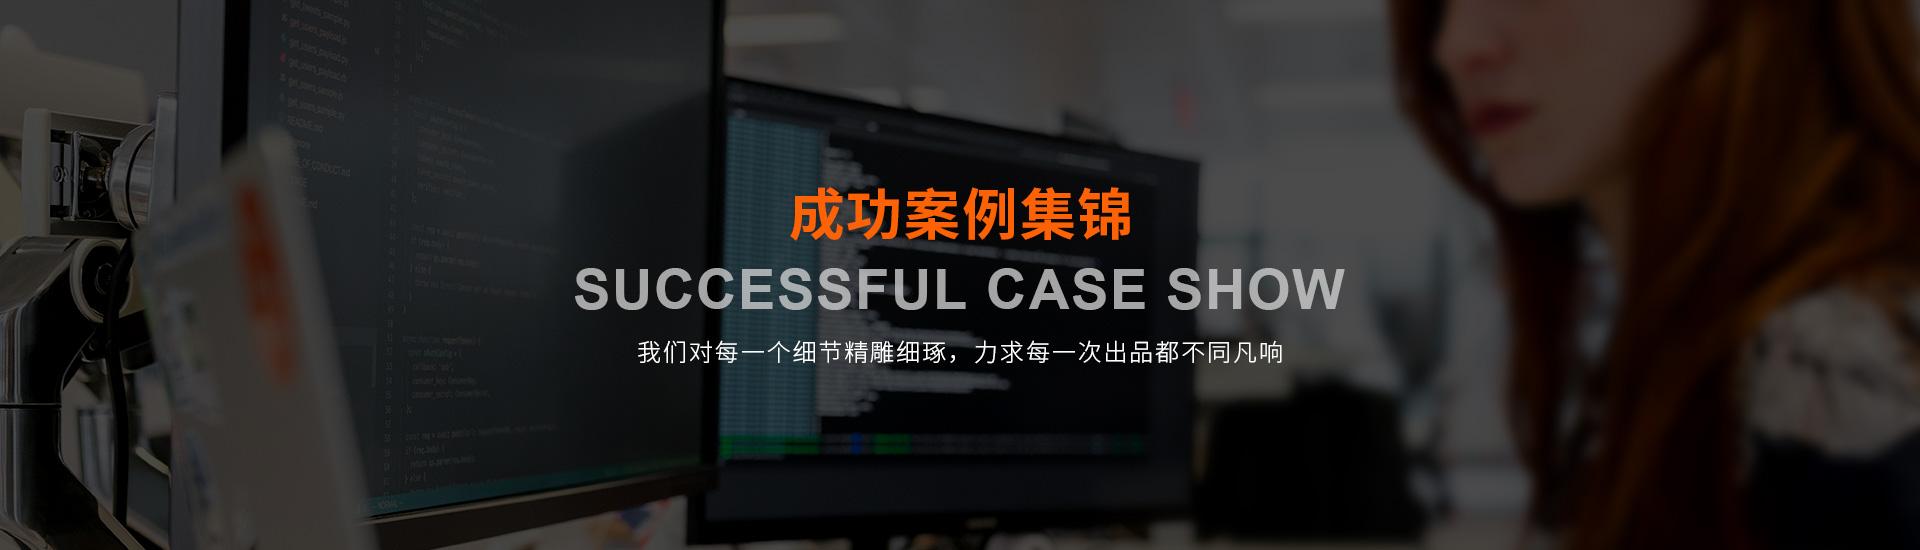 襄阳鑫灵锐网站优化案例